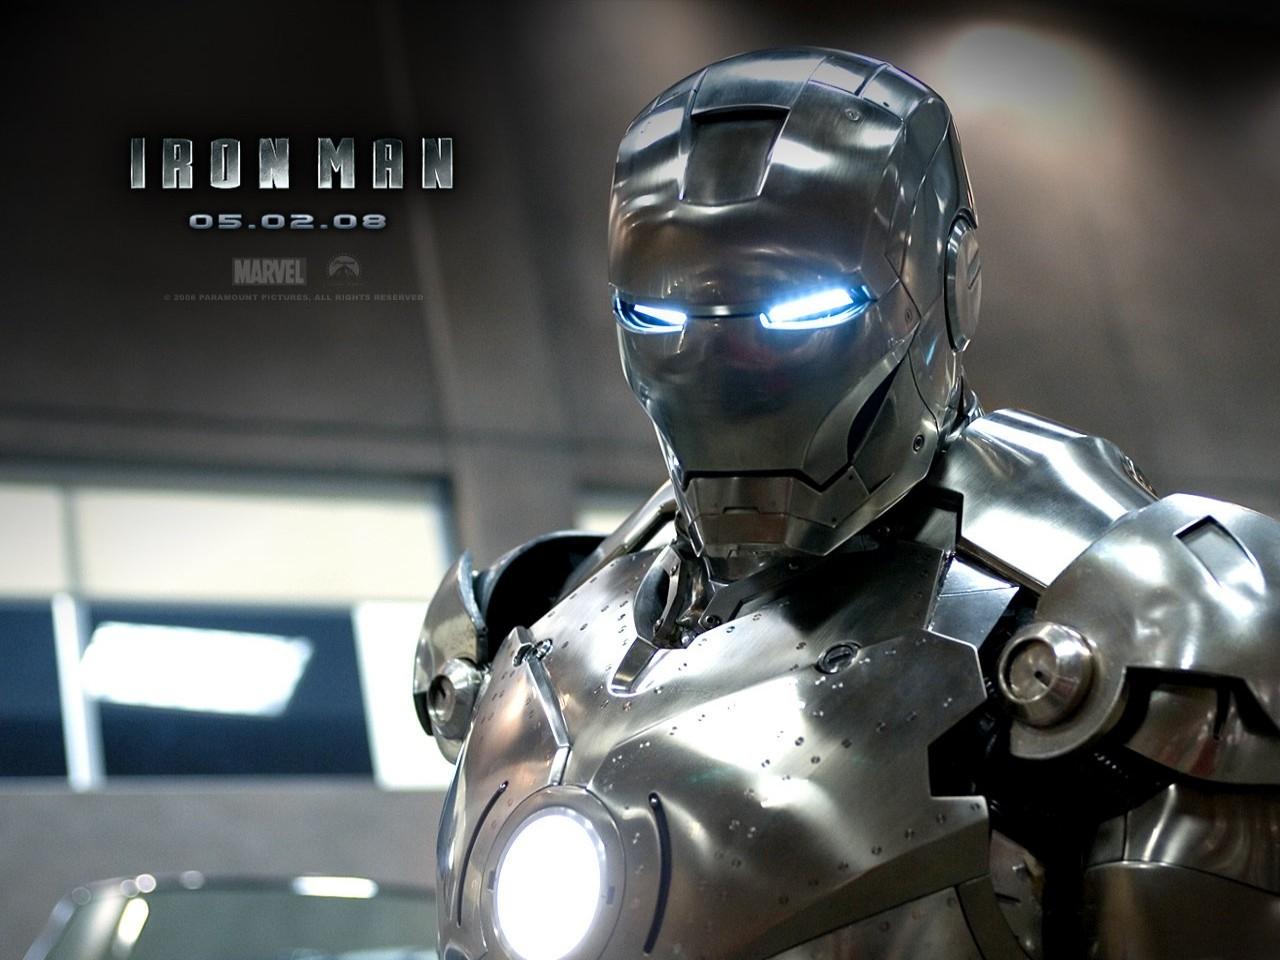 Wallpaper del film Iron Man con il protagonista